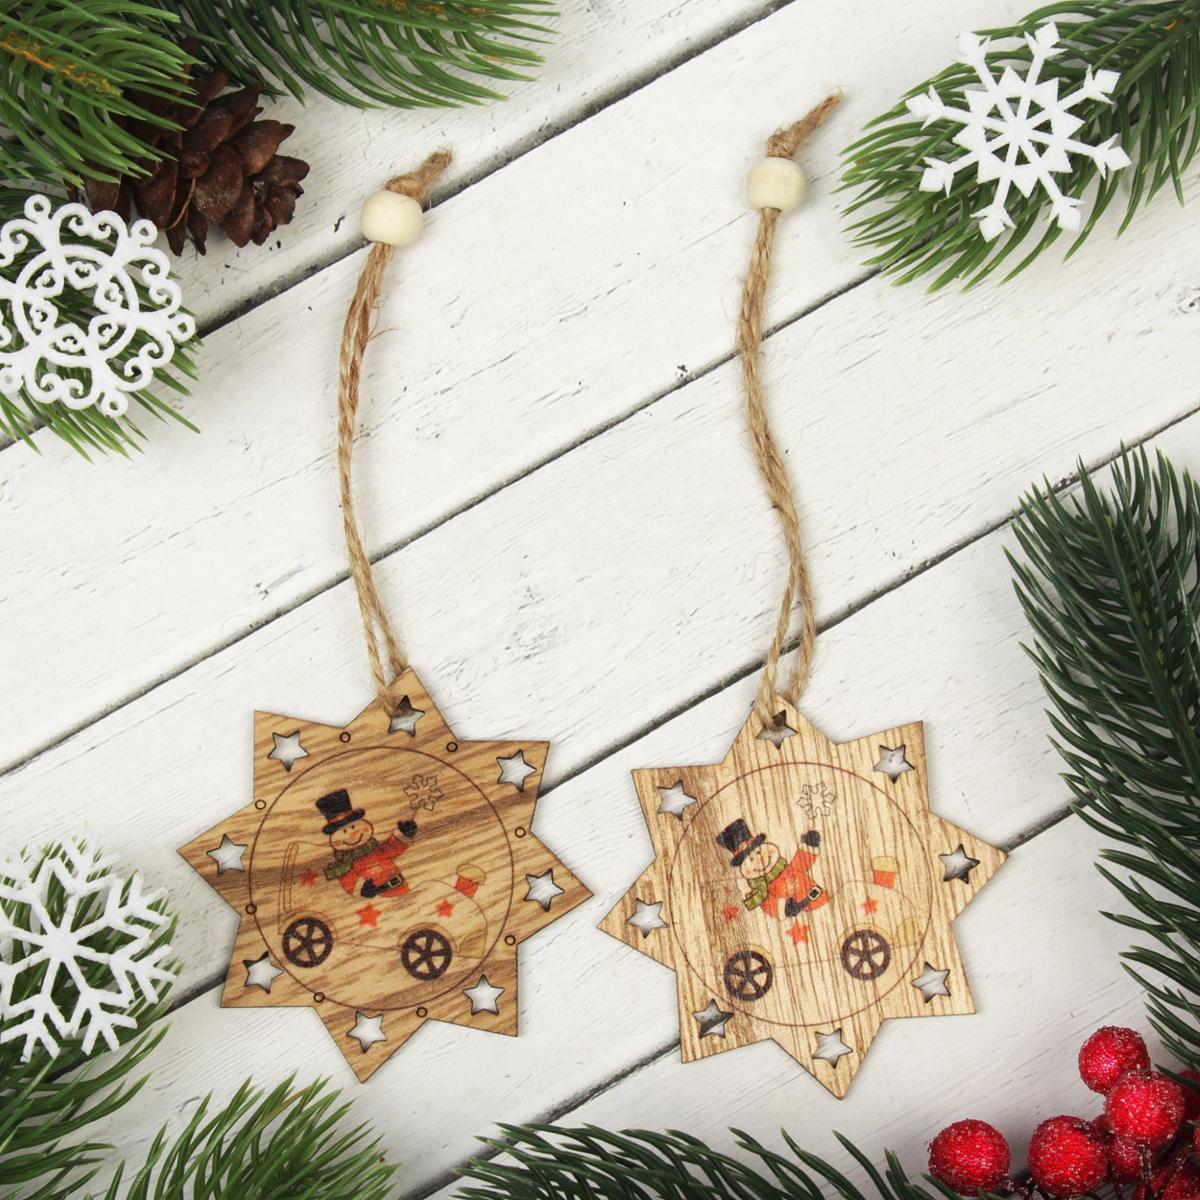 Украшение новогоднее подвесное К нам едет снеговик, 2 шт2303271Набор новогодних подвесных украшений, выполненных из дерева, отлично подойдет для декорации вашего дома и новогодней ели. С помощью специальной петельки украшение можно повесить в любом понравившемся вам месте. Но, конечно, удачнее всего оно будет смотреться на праздничной елке.Елочная игрушка - символ Нового года. Она несет в себе волшебство и красоту праздника. Такое украшение создаст в вашем доме атмосферу праздника, веселья и радости.В комплекте 2 украшения.